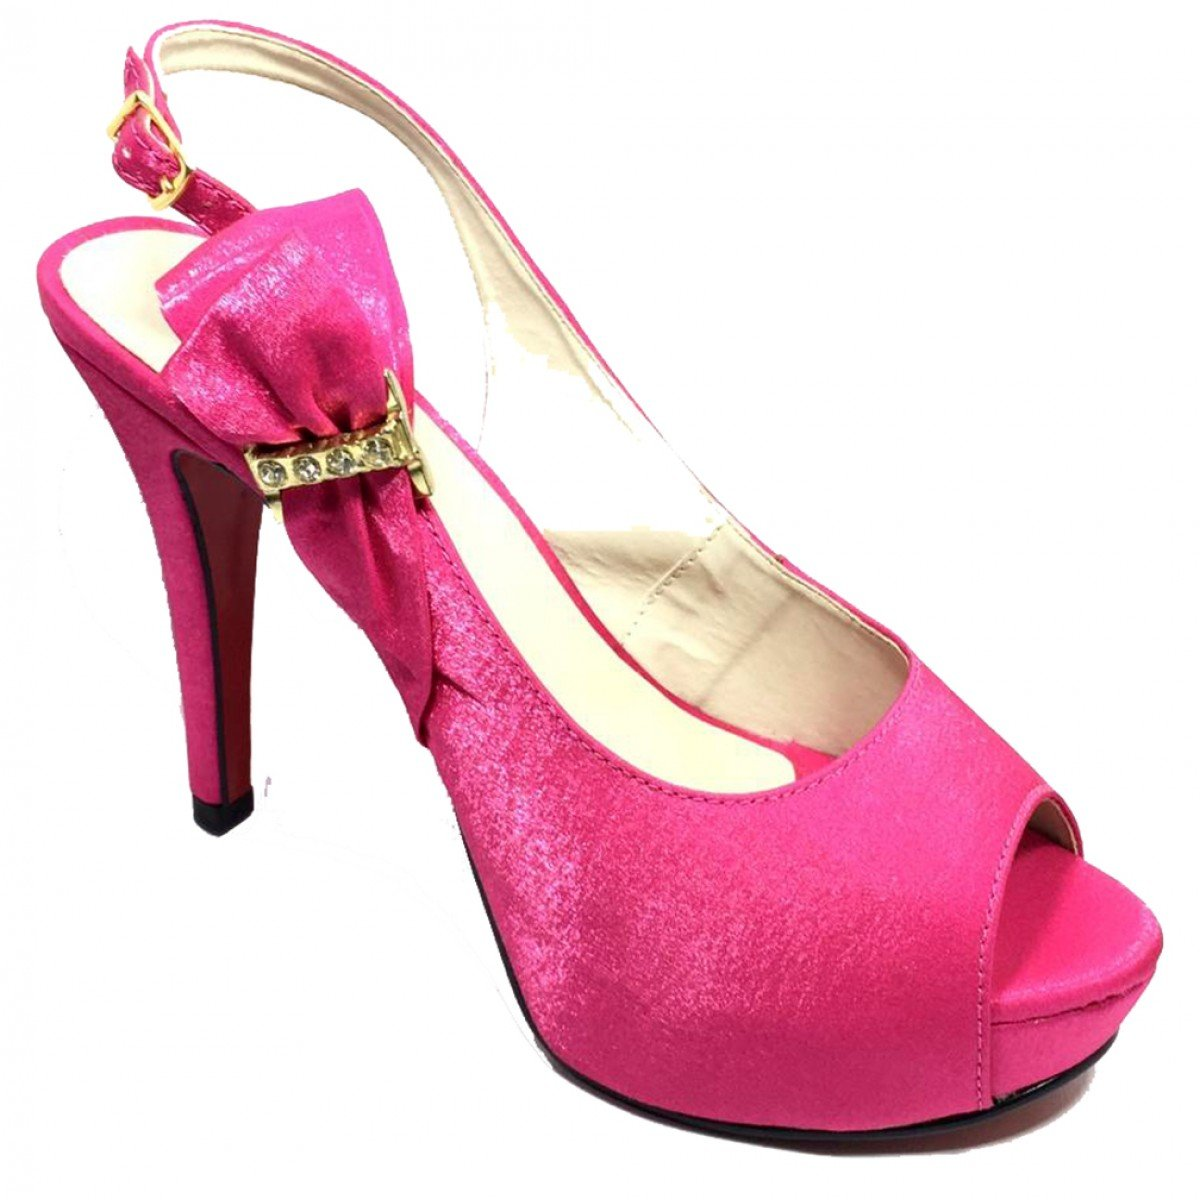 ce0f2a67b2 Sapato Feminino Cia do Porto Salto Alto Bico Aberto Pink - Compre ...